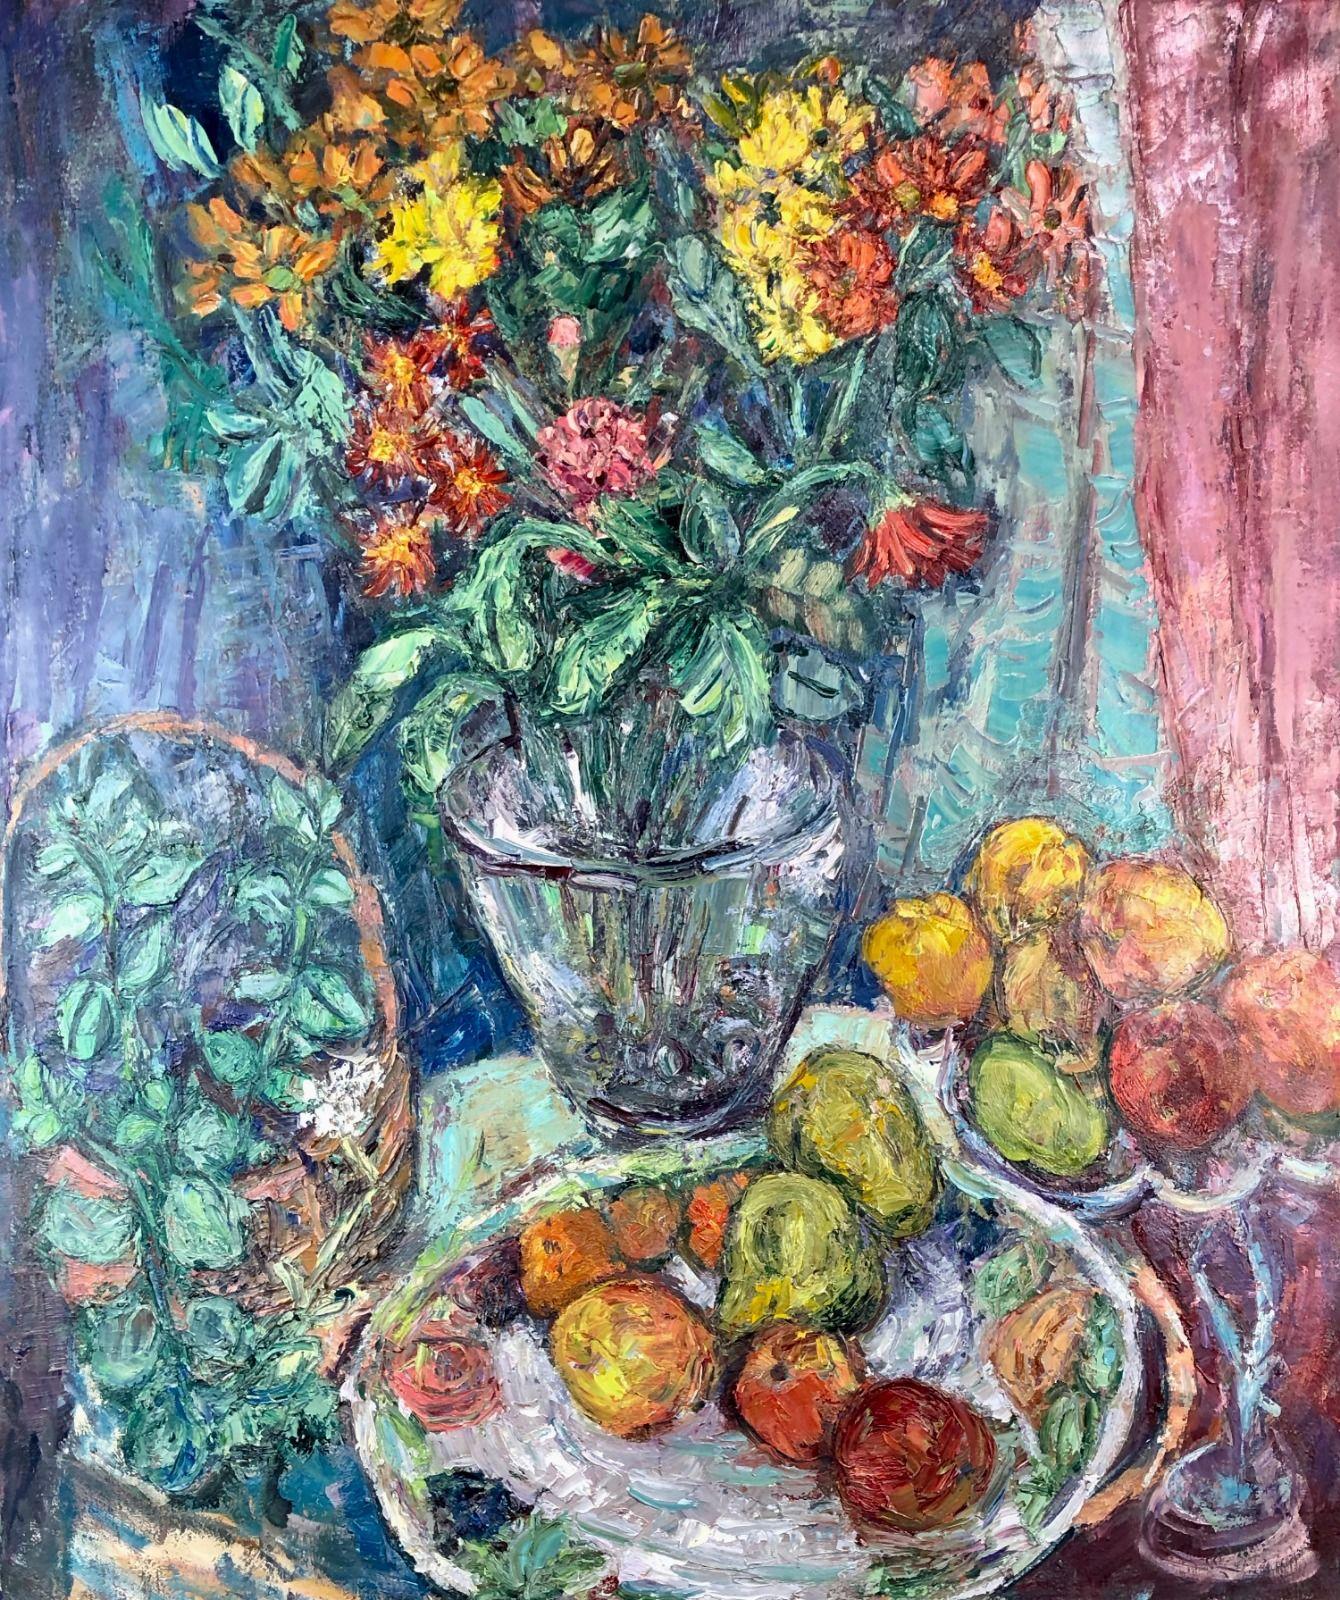 Flowers & Fruit. 48in x 36in